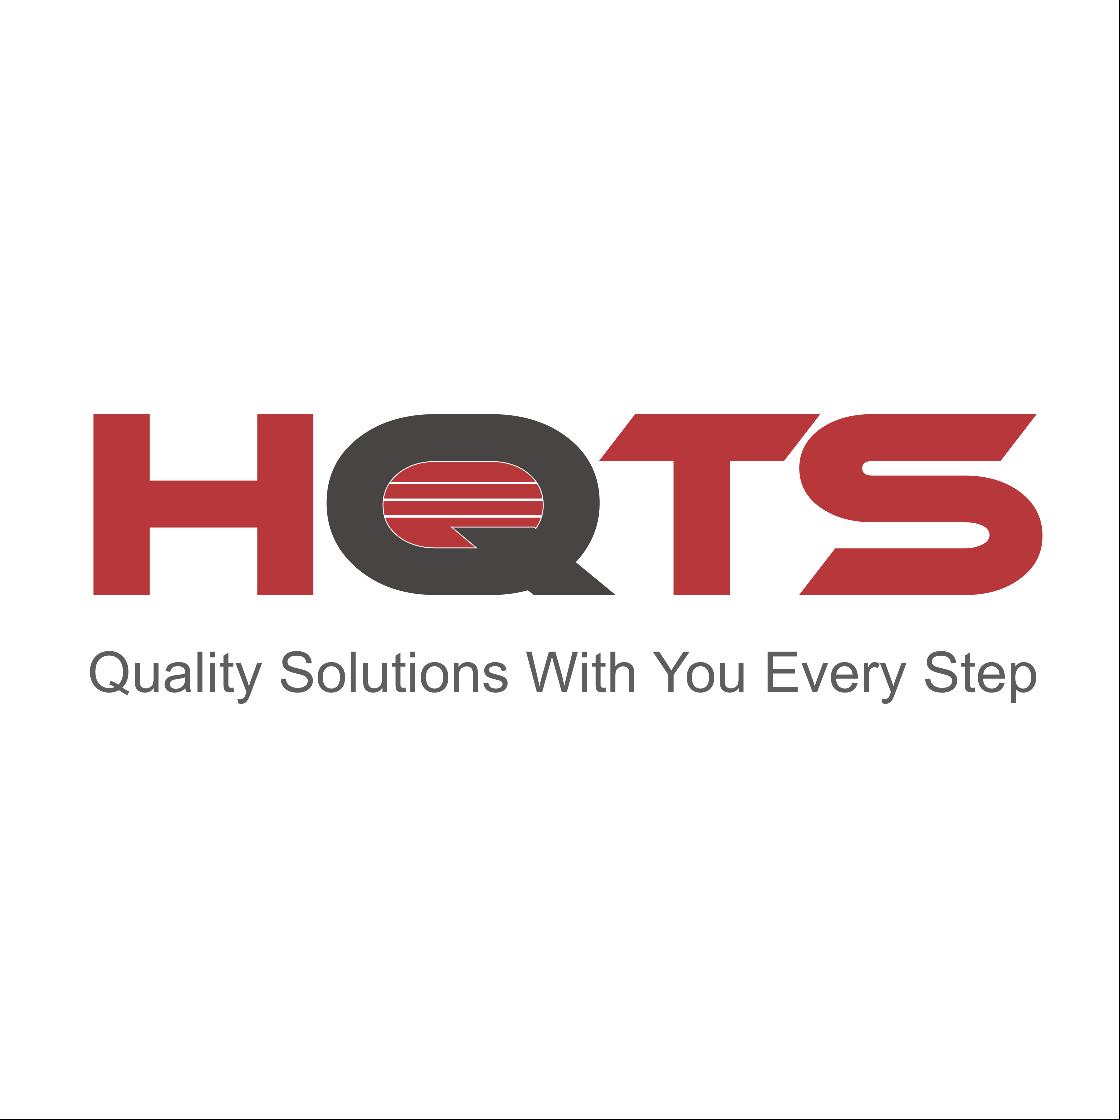 产品检验就选汉斯曼集团,专业的第三方检验检测机构